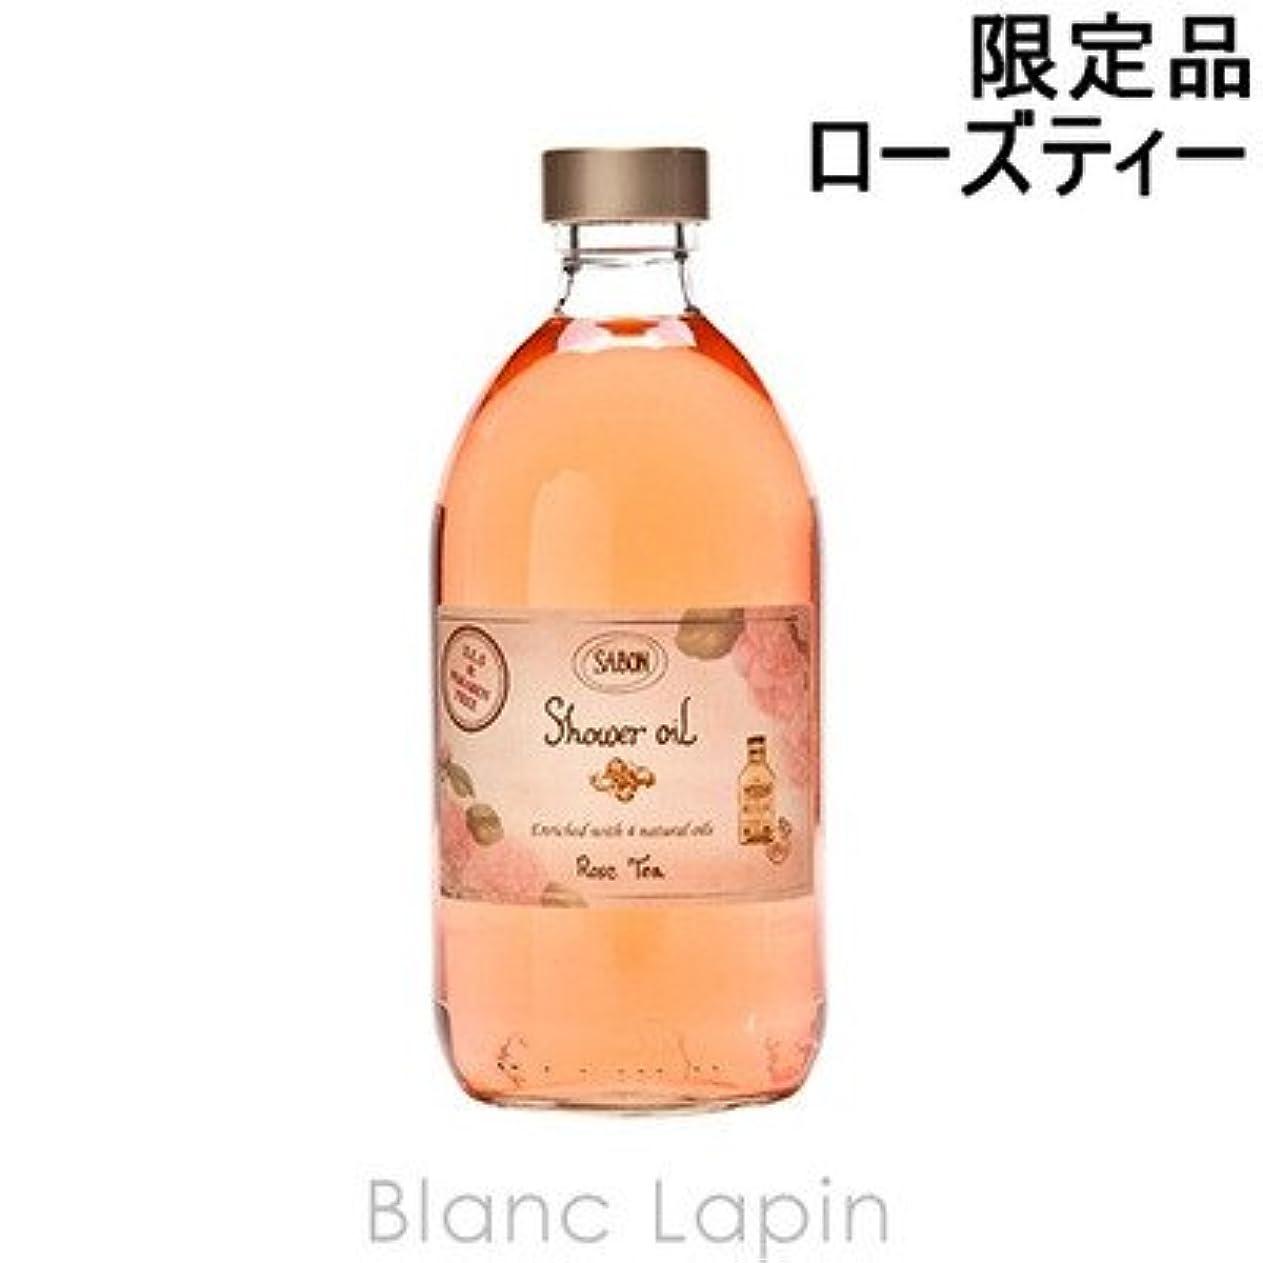 サボン シャワーオイル ローズ ティー 500ml【限定商品】